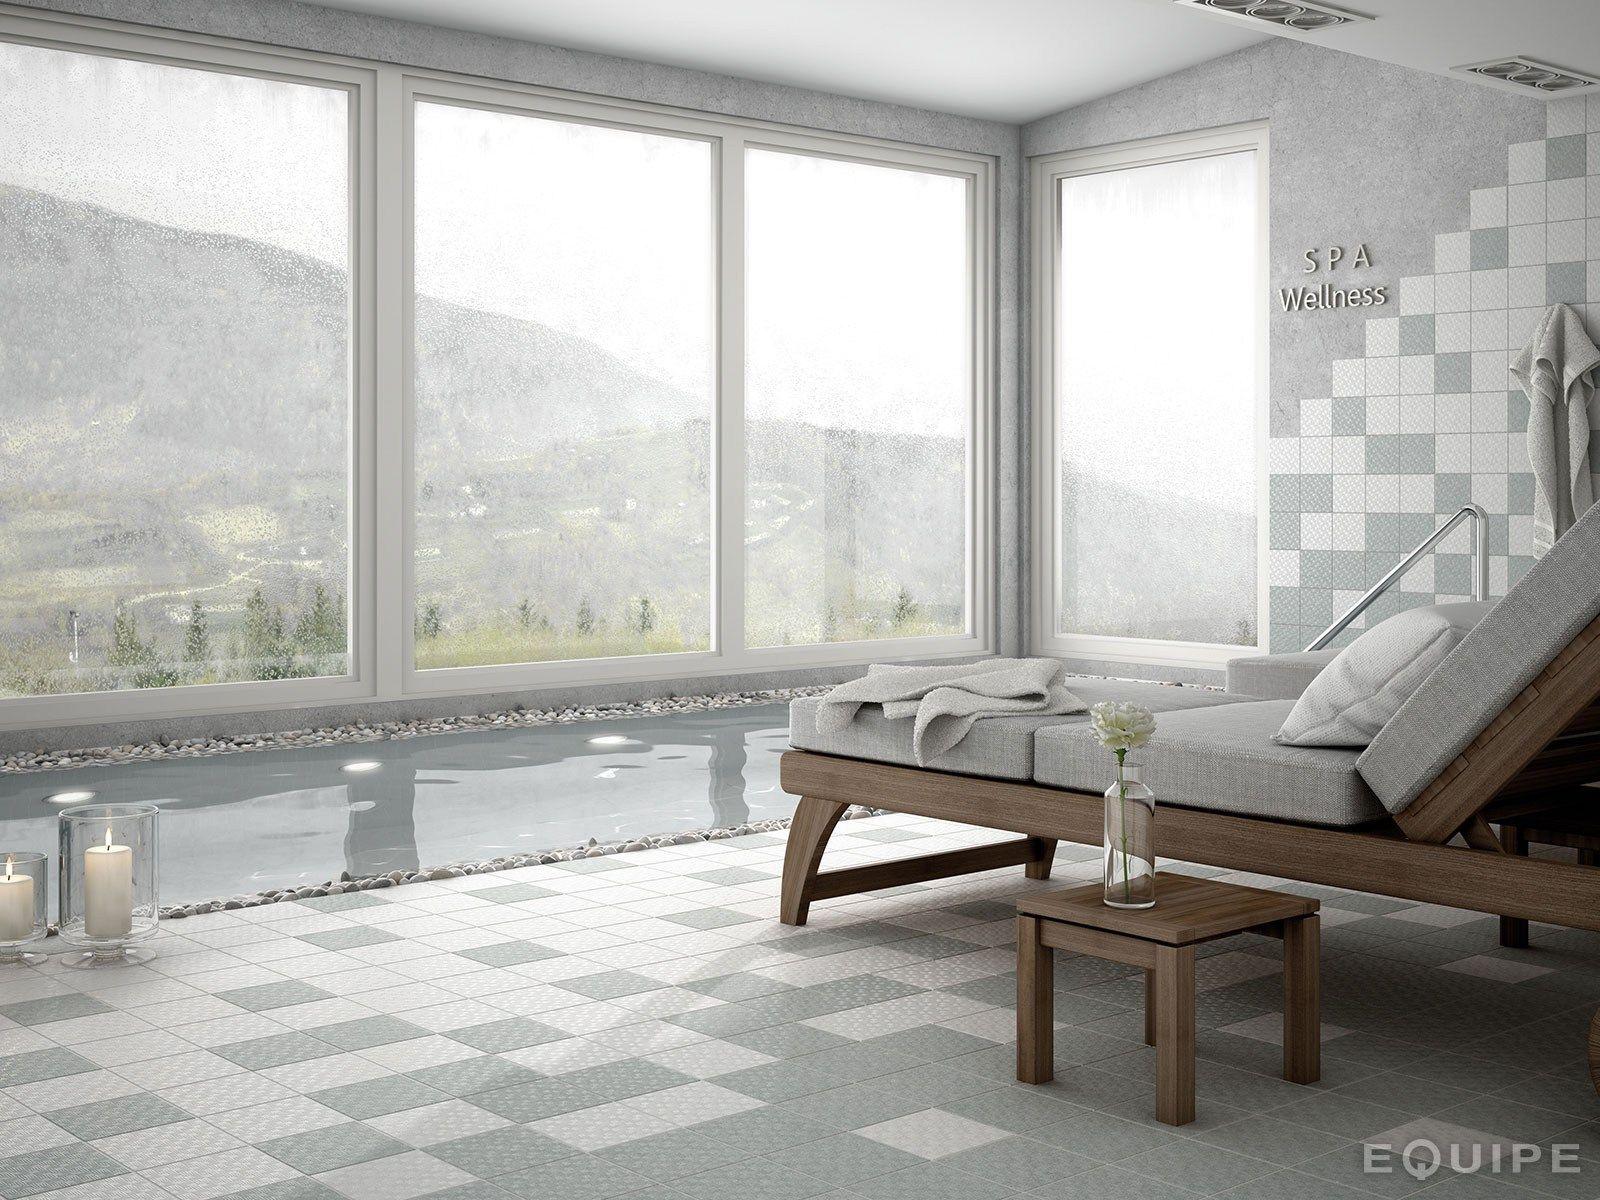 Area15 pavimento antideslizante by equipe ceramicas - Pavimentos exteriores antideslizantes ...